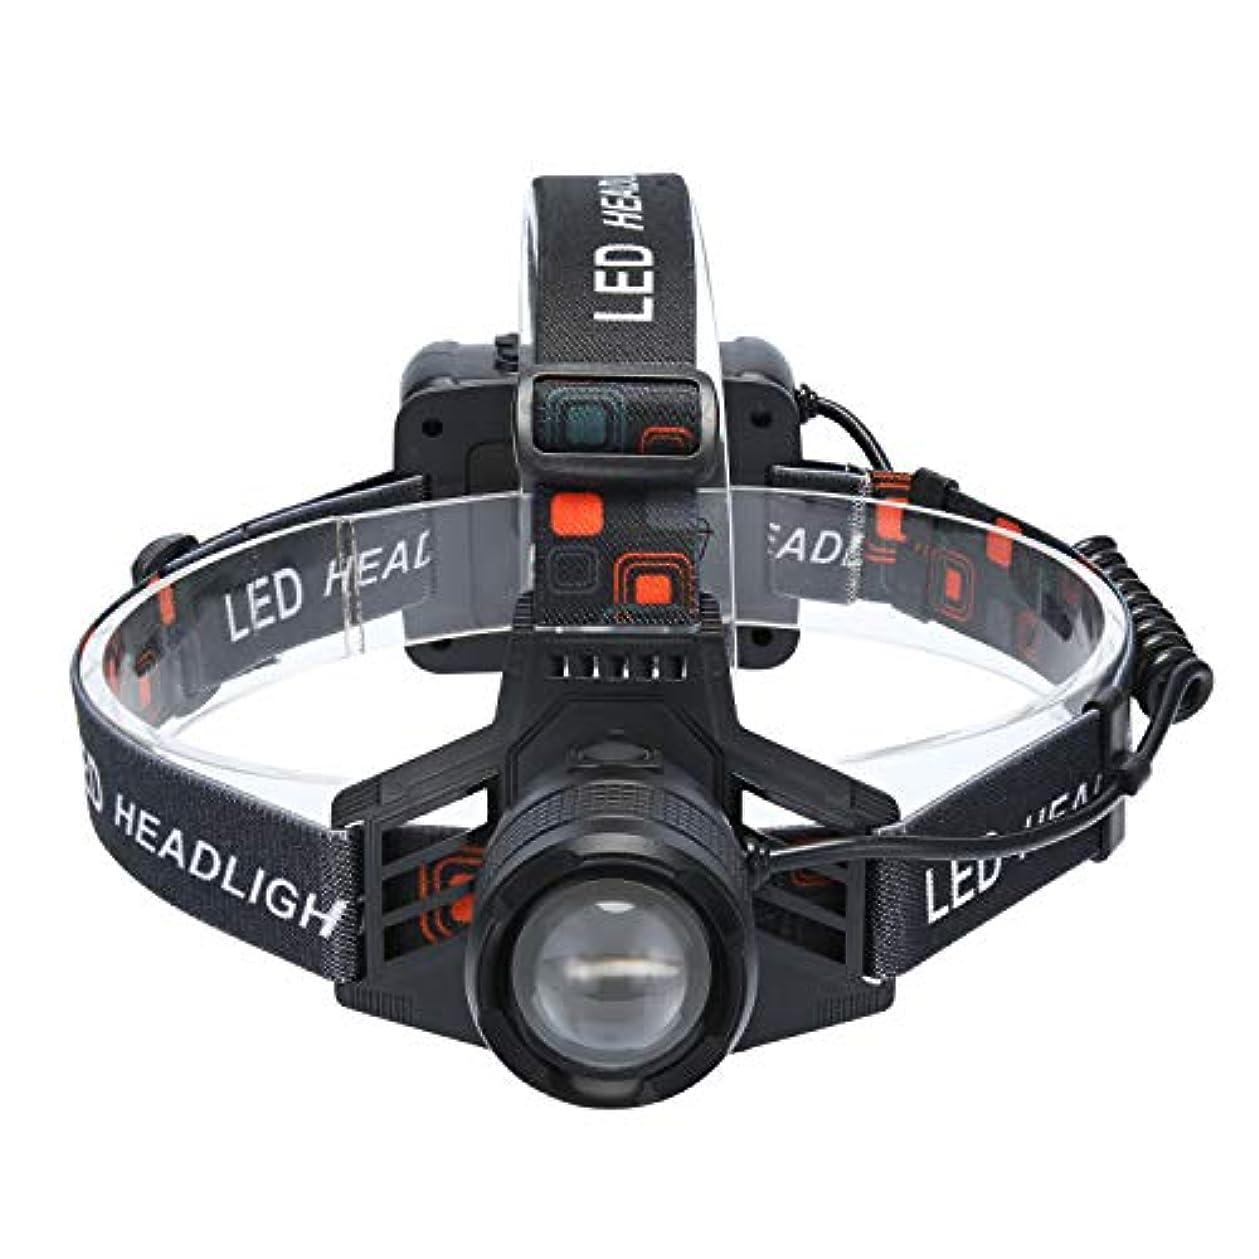 ぼんやりしたハードリング冬Ameelie LEDヘッドライト センサー機能 ズーム機能付き 防水防塵 軽量型 USB充電式応急充電可能 90度角度調節 高輝度バッテリー PSE認証済み 実用点灯6時間 アウトドア/キャンプ/登山/夜釣り/読書/犬の散歩/夜警/夜間パトロールなどに適用